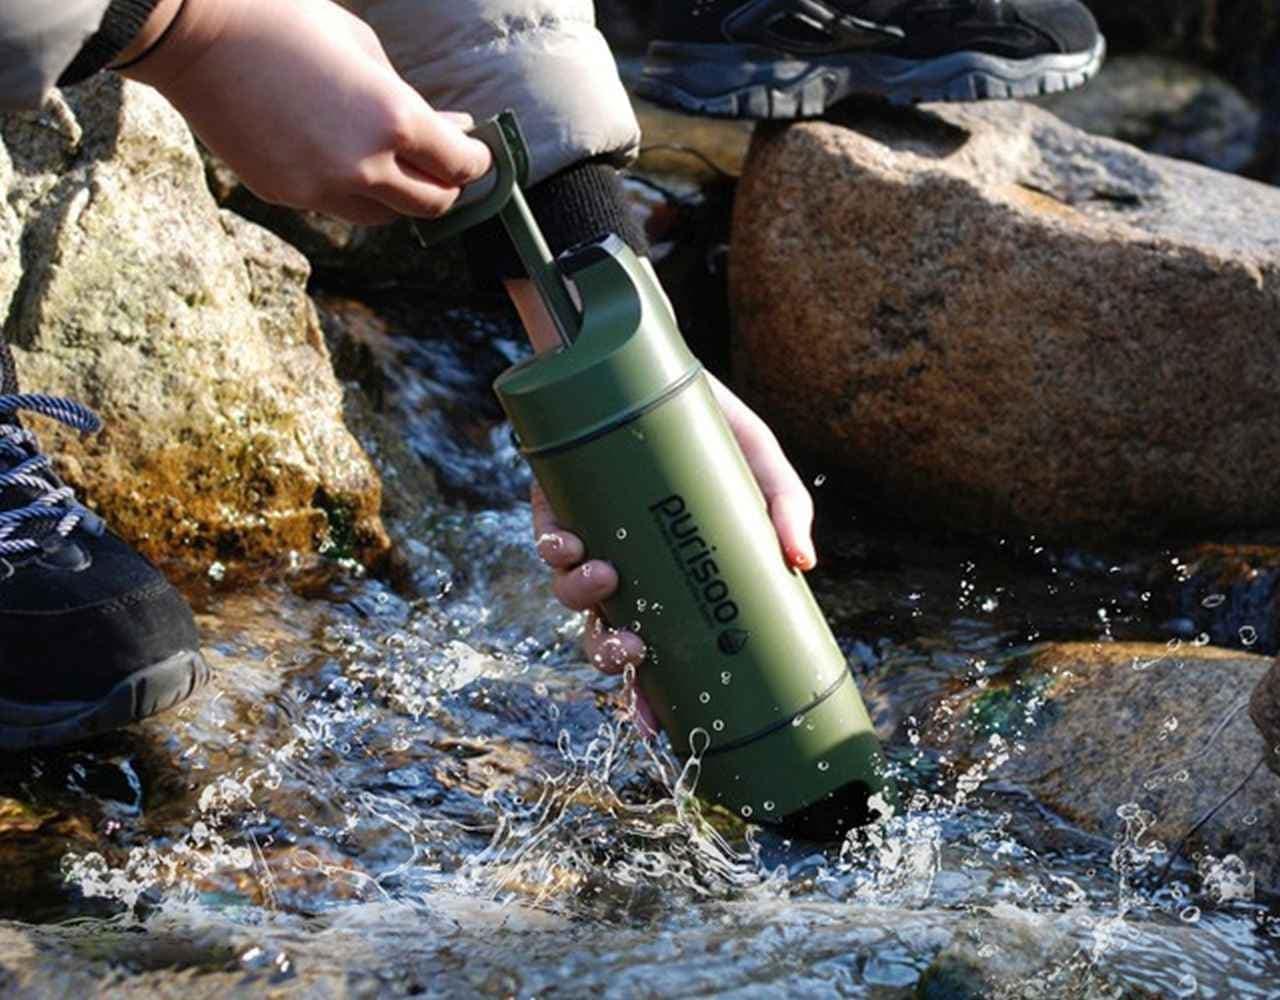 ポータブル浄水ボトル「Purisoo+」 キャンプはもちろん災害時にも